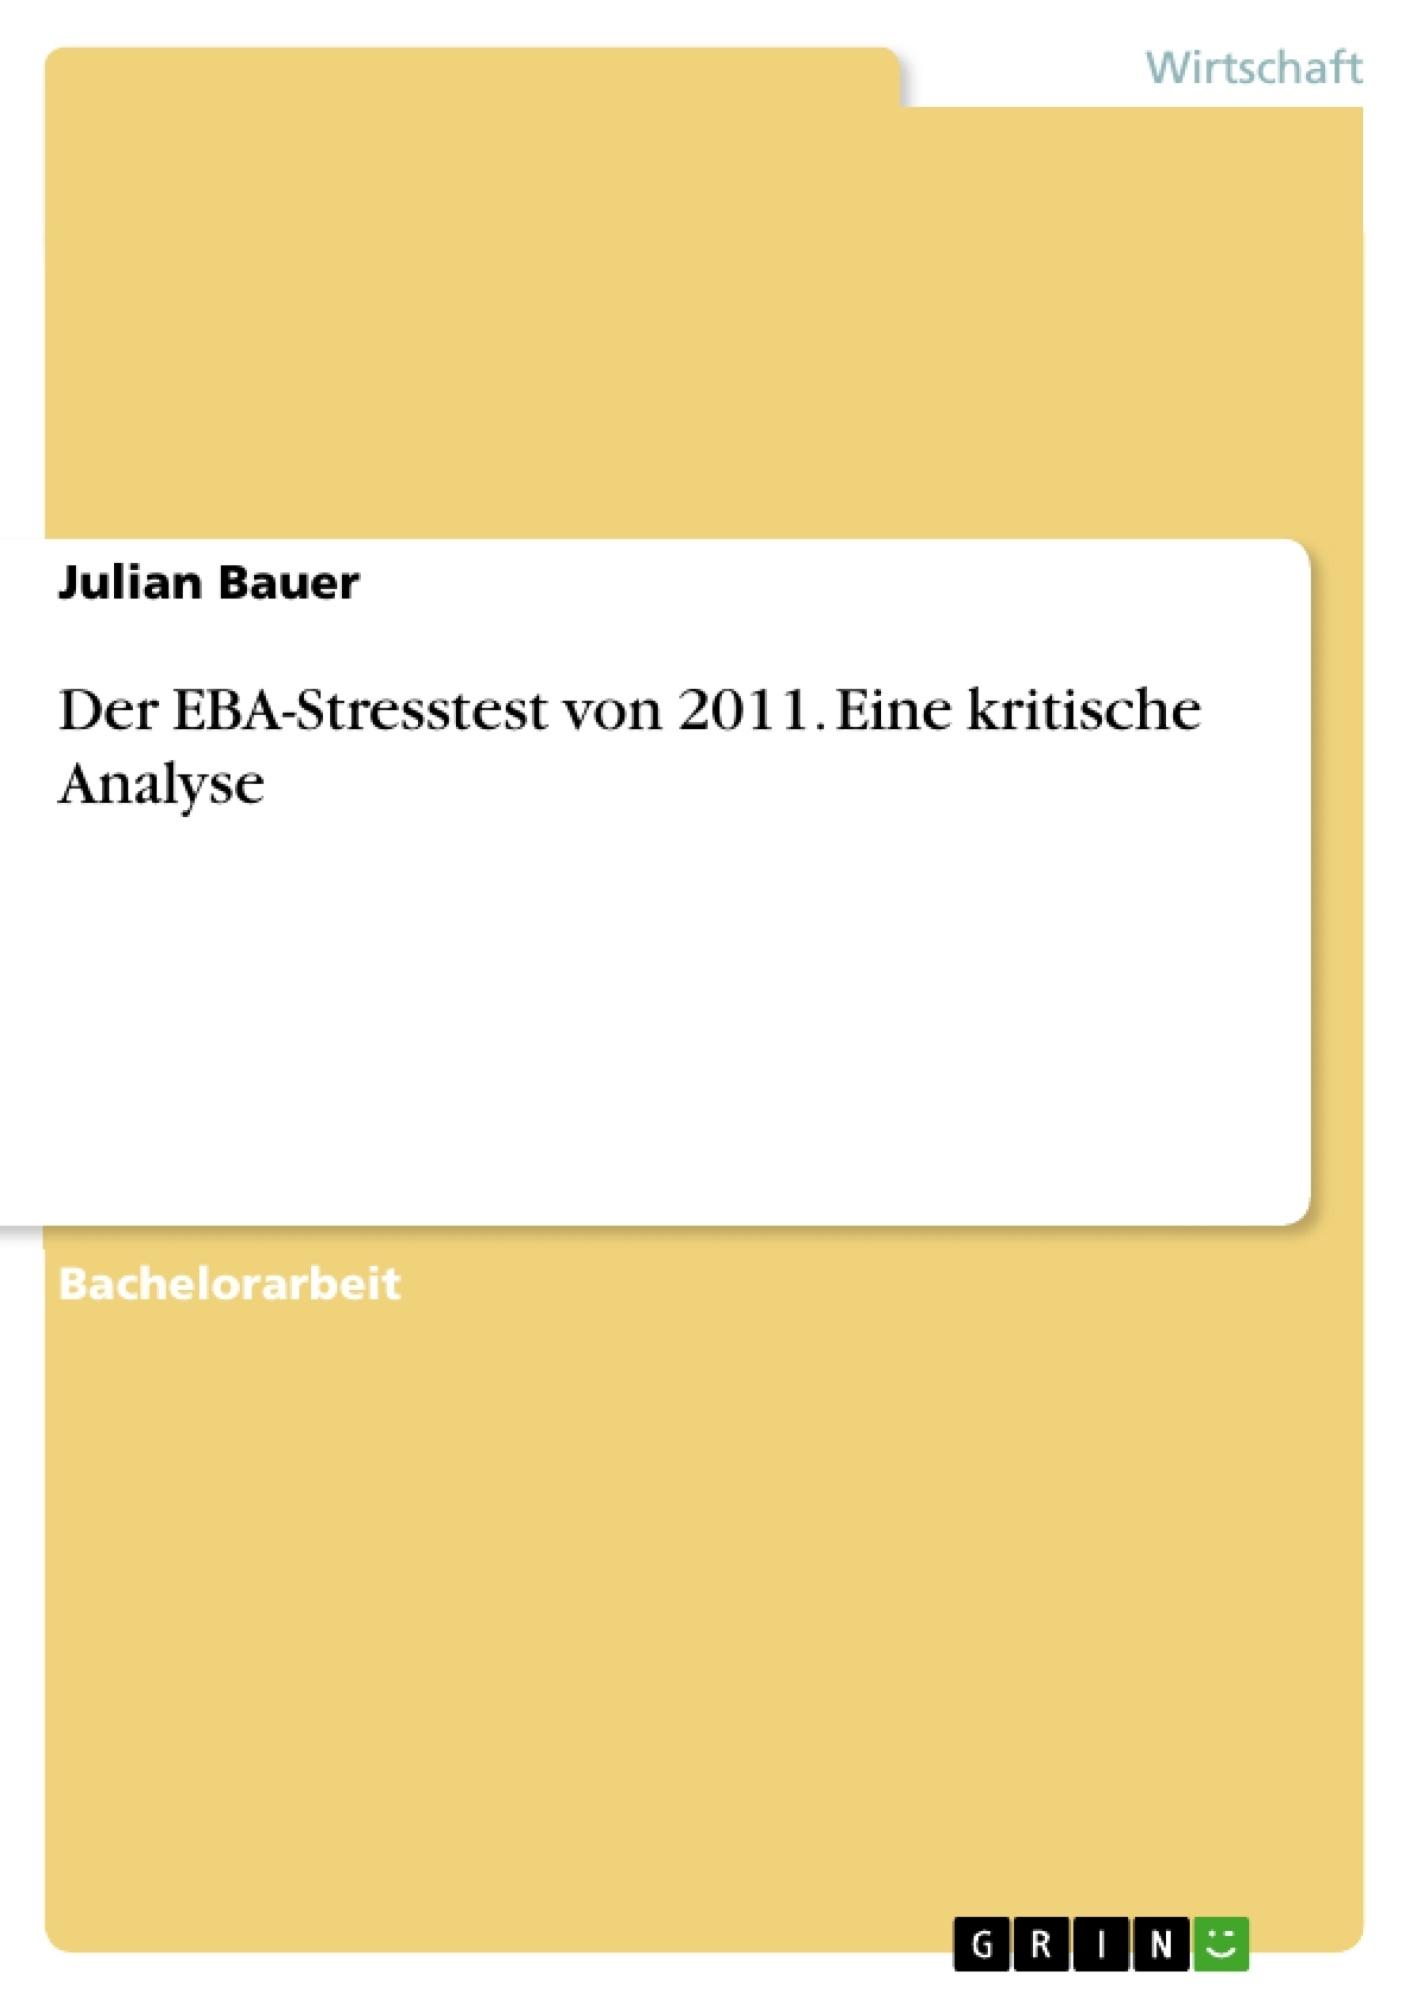 Titel: Der EBA-Stresstest von 2011. Eine kritische Analyse